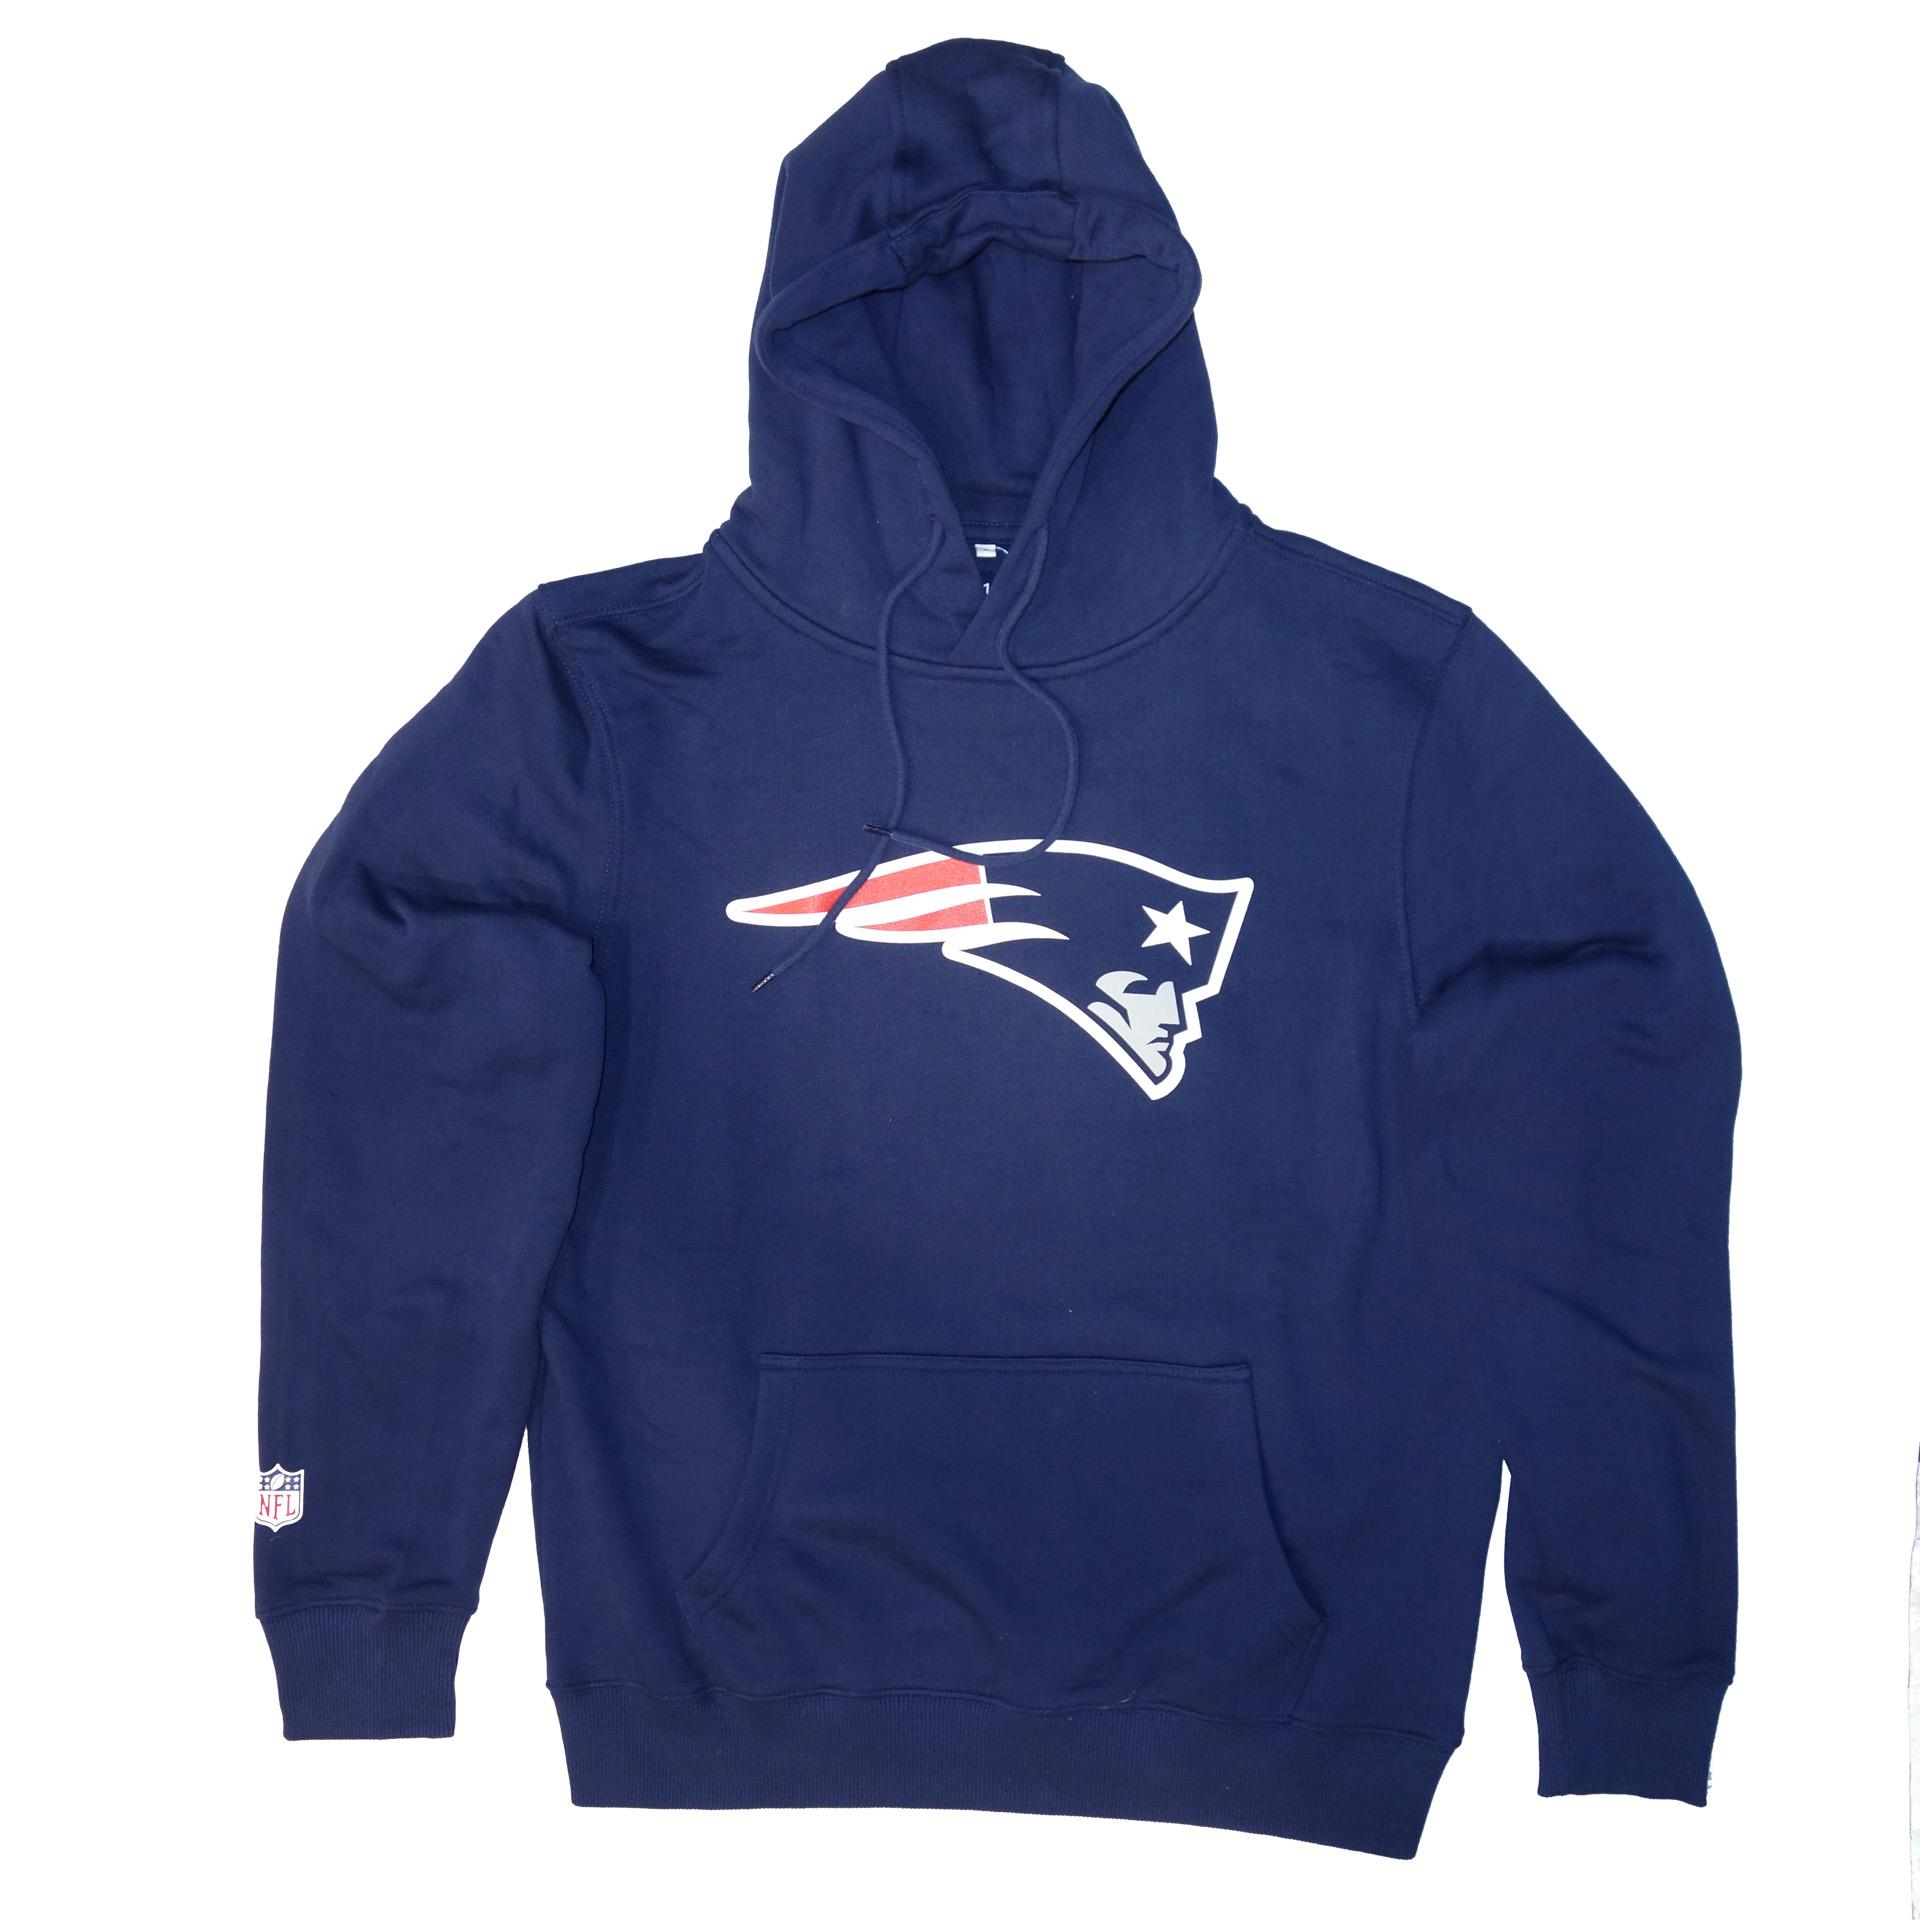 NFL Fanatics Hoodie Kapuzenpullover New England Patriots